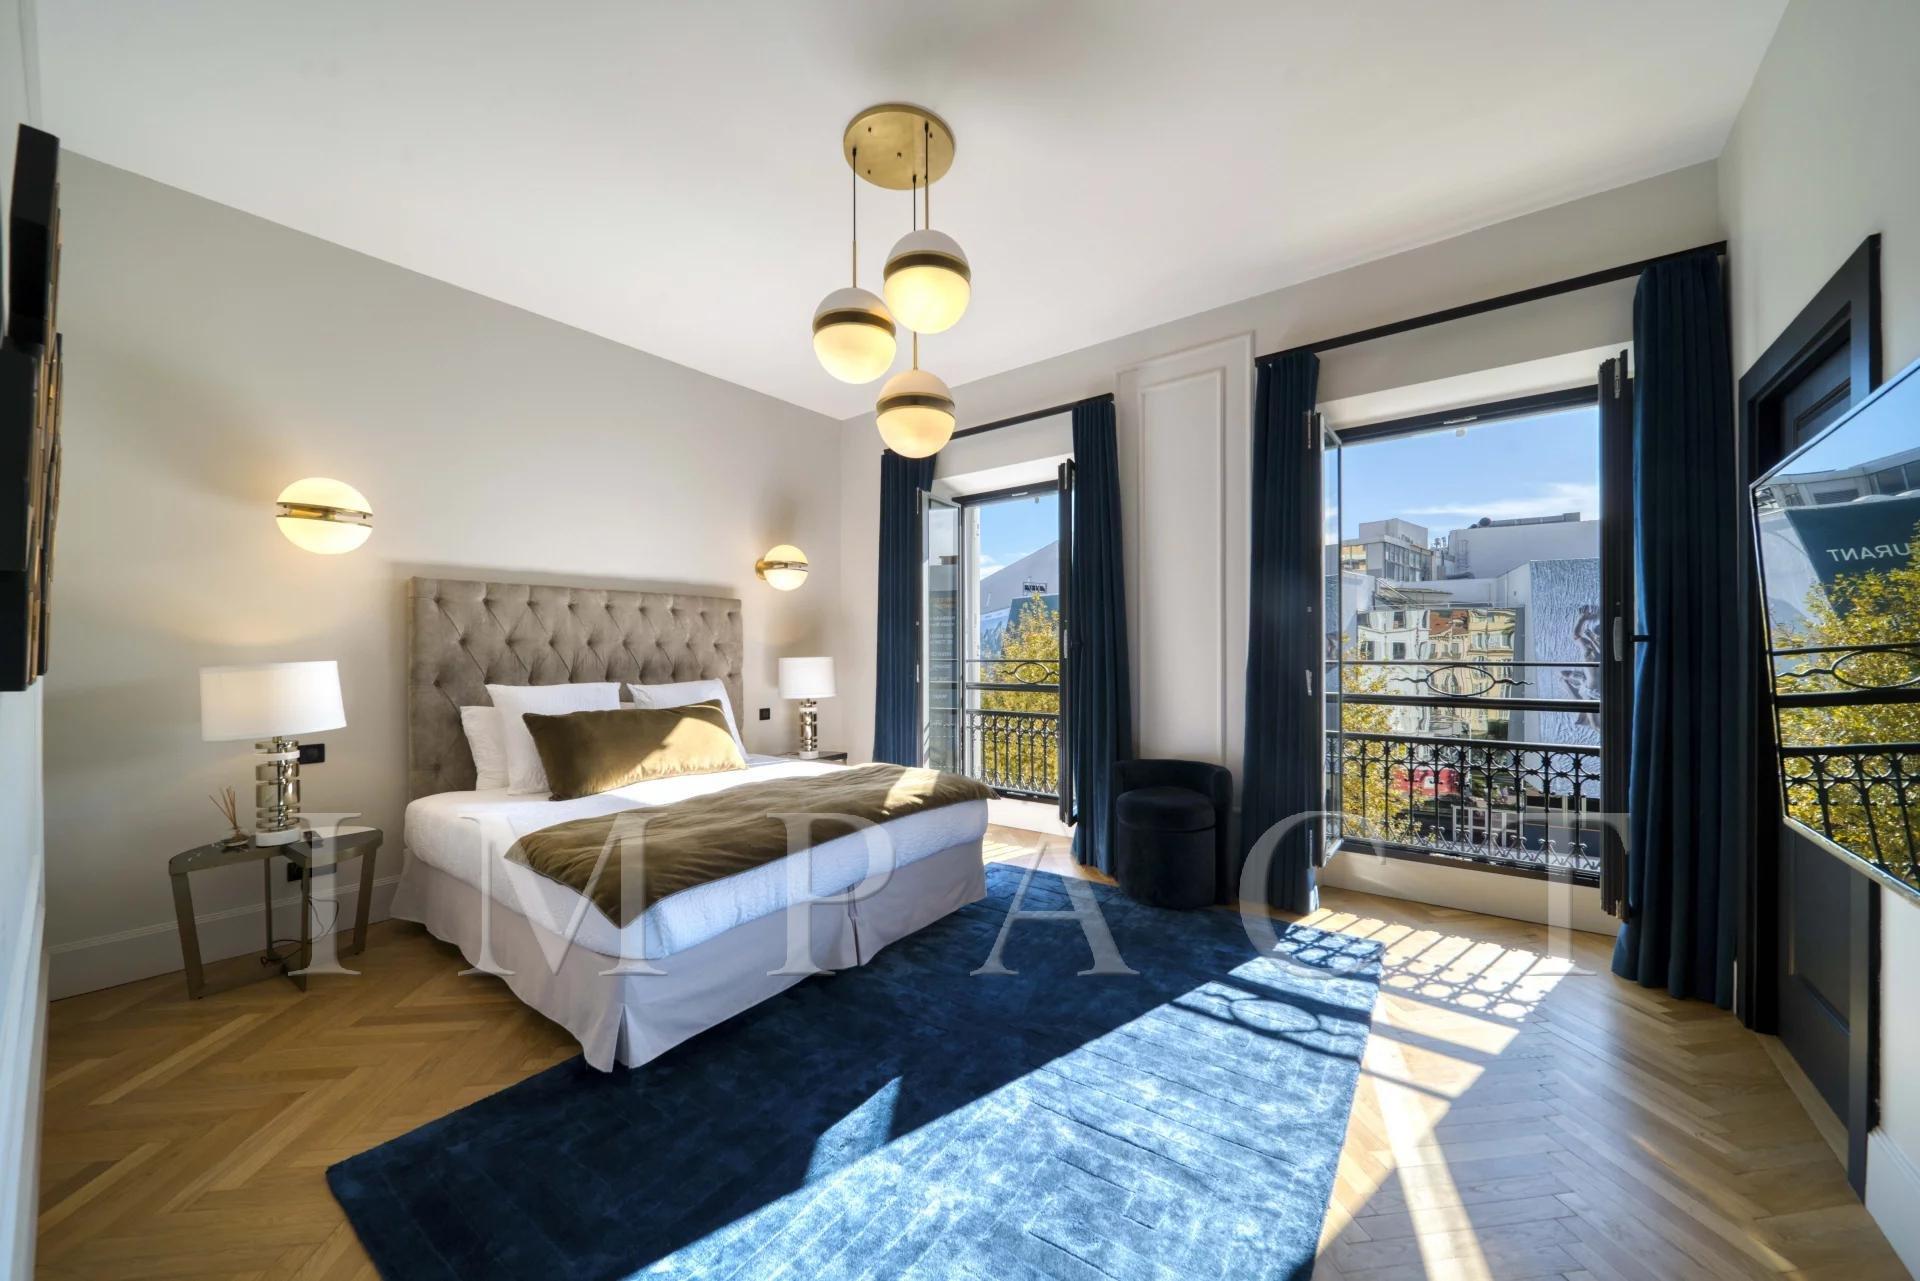 Appartement face au palais, 5 chambres à louer à Cannes